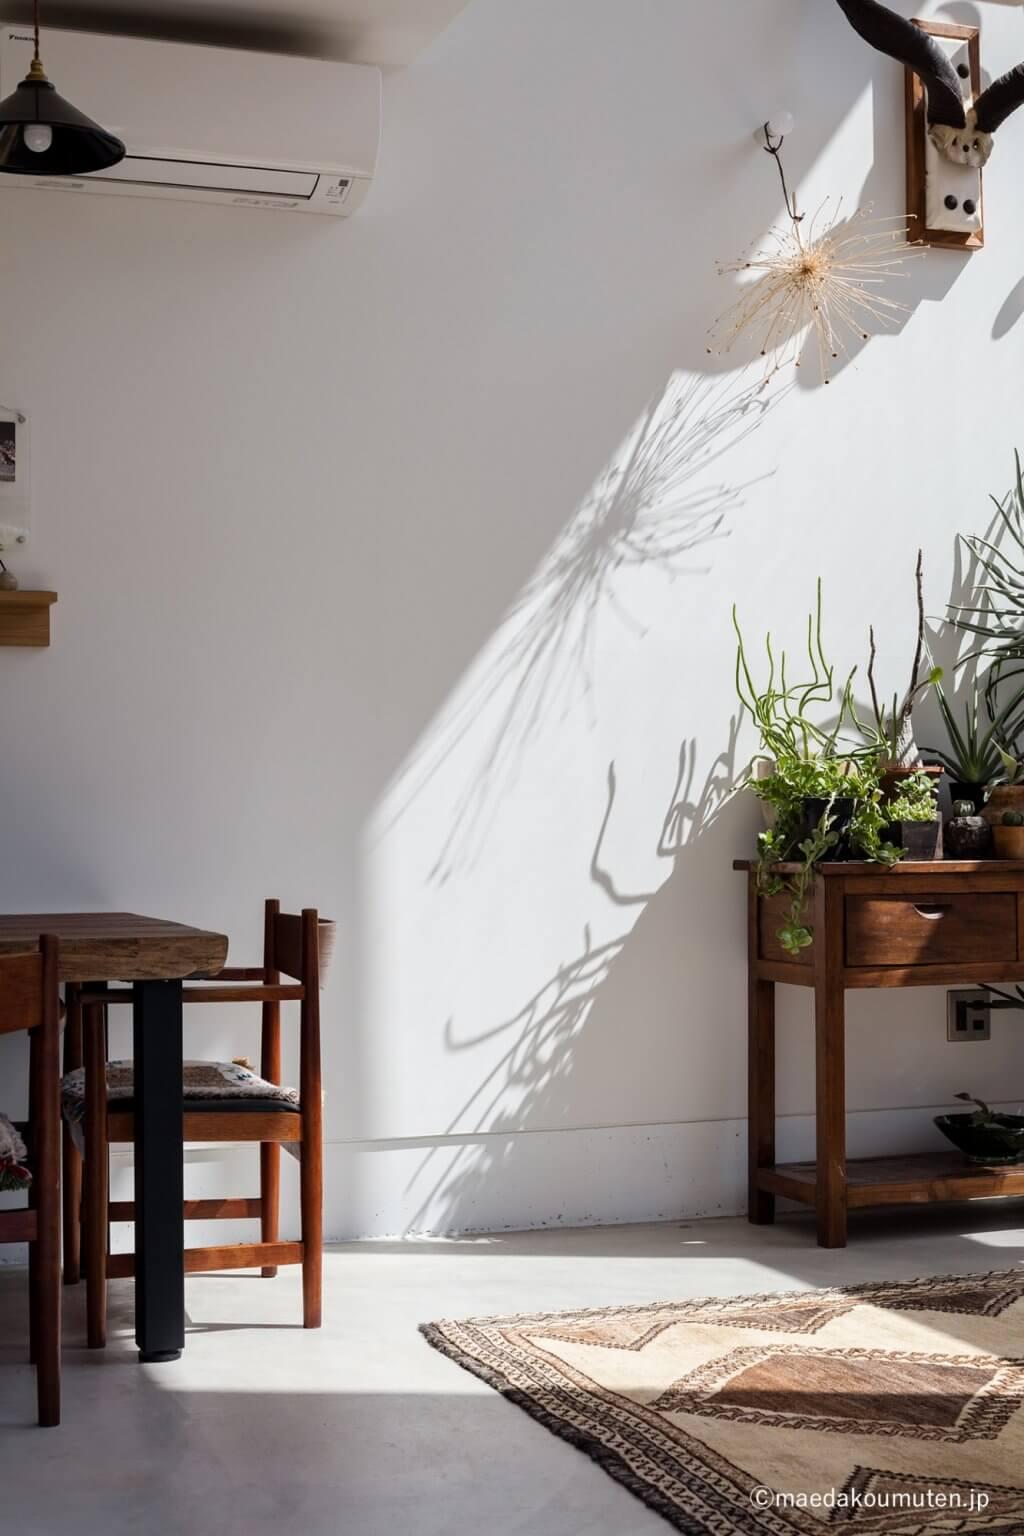 神奈川県、工務店、注文住宅、デザイン住宅、建築家、谷戸の家_28